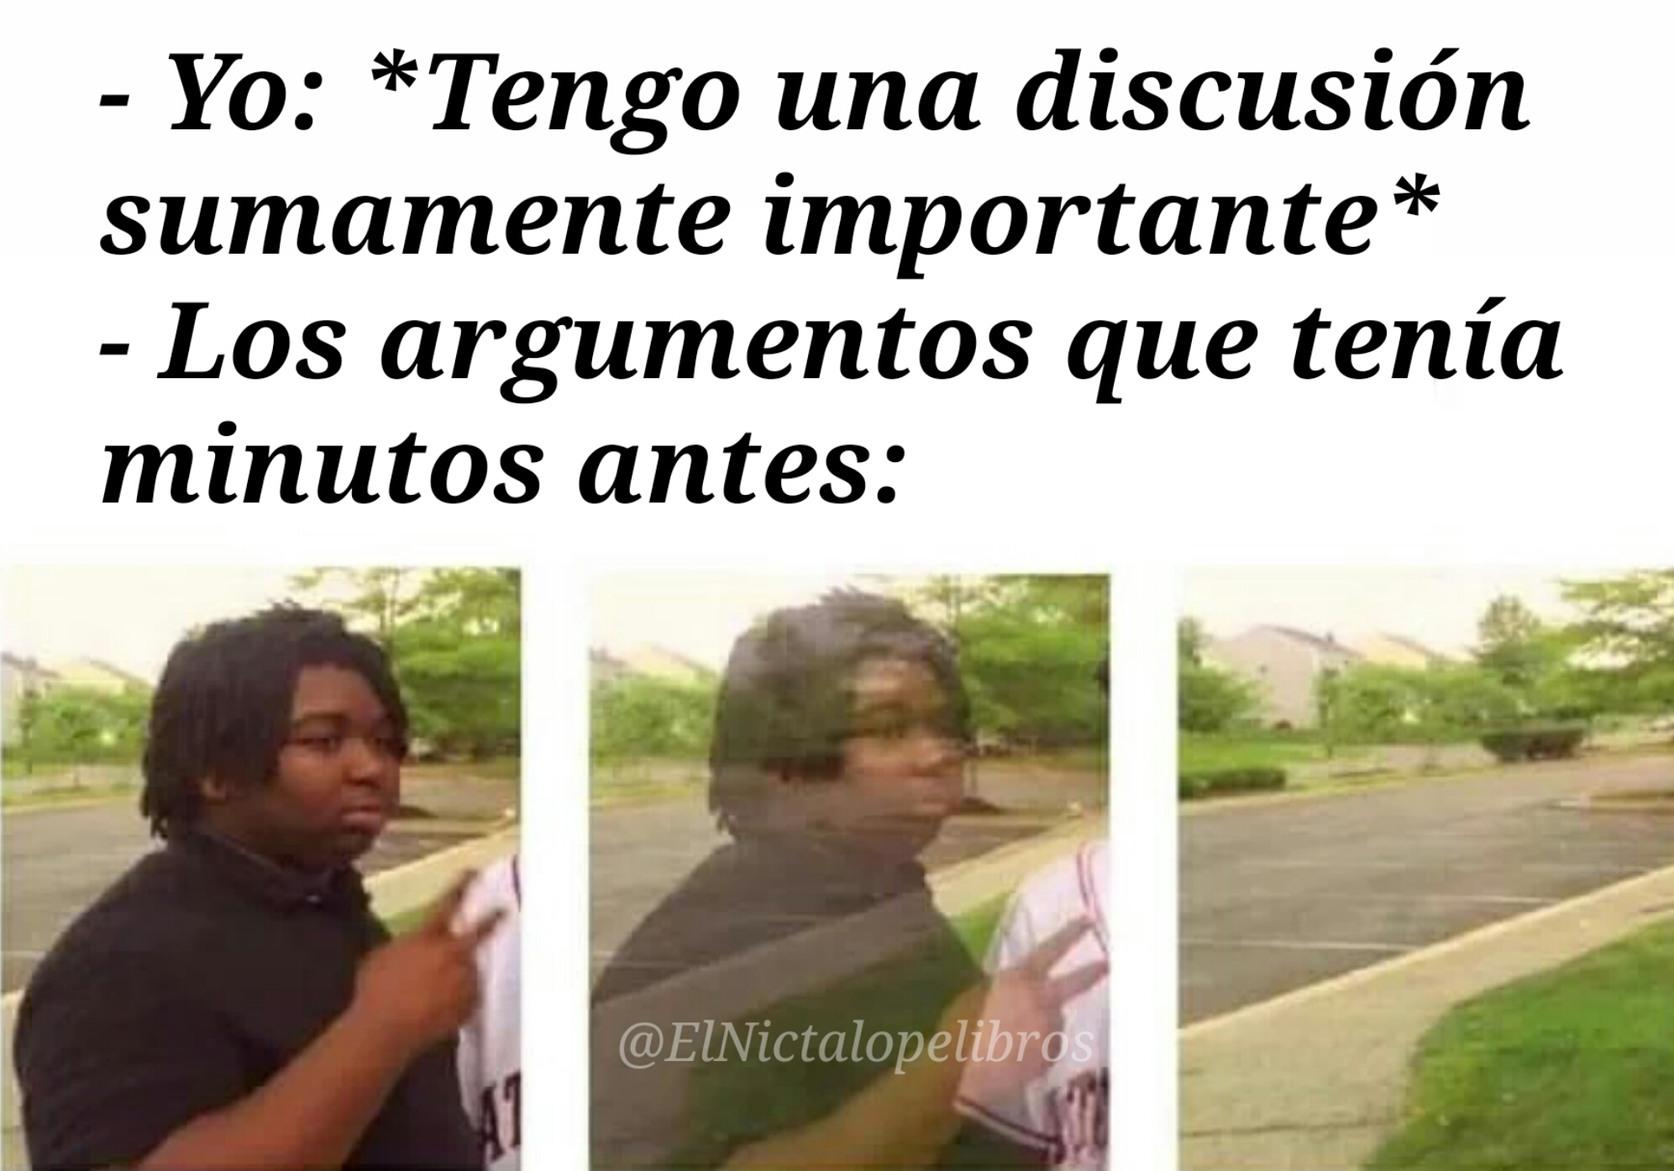 Argumentos - meme